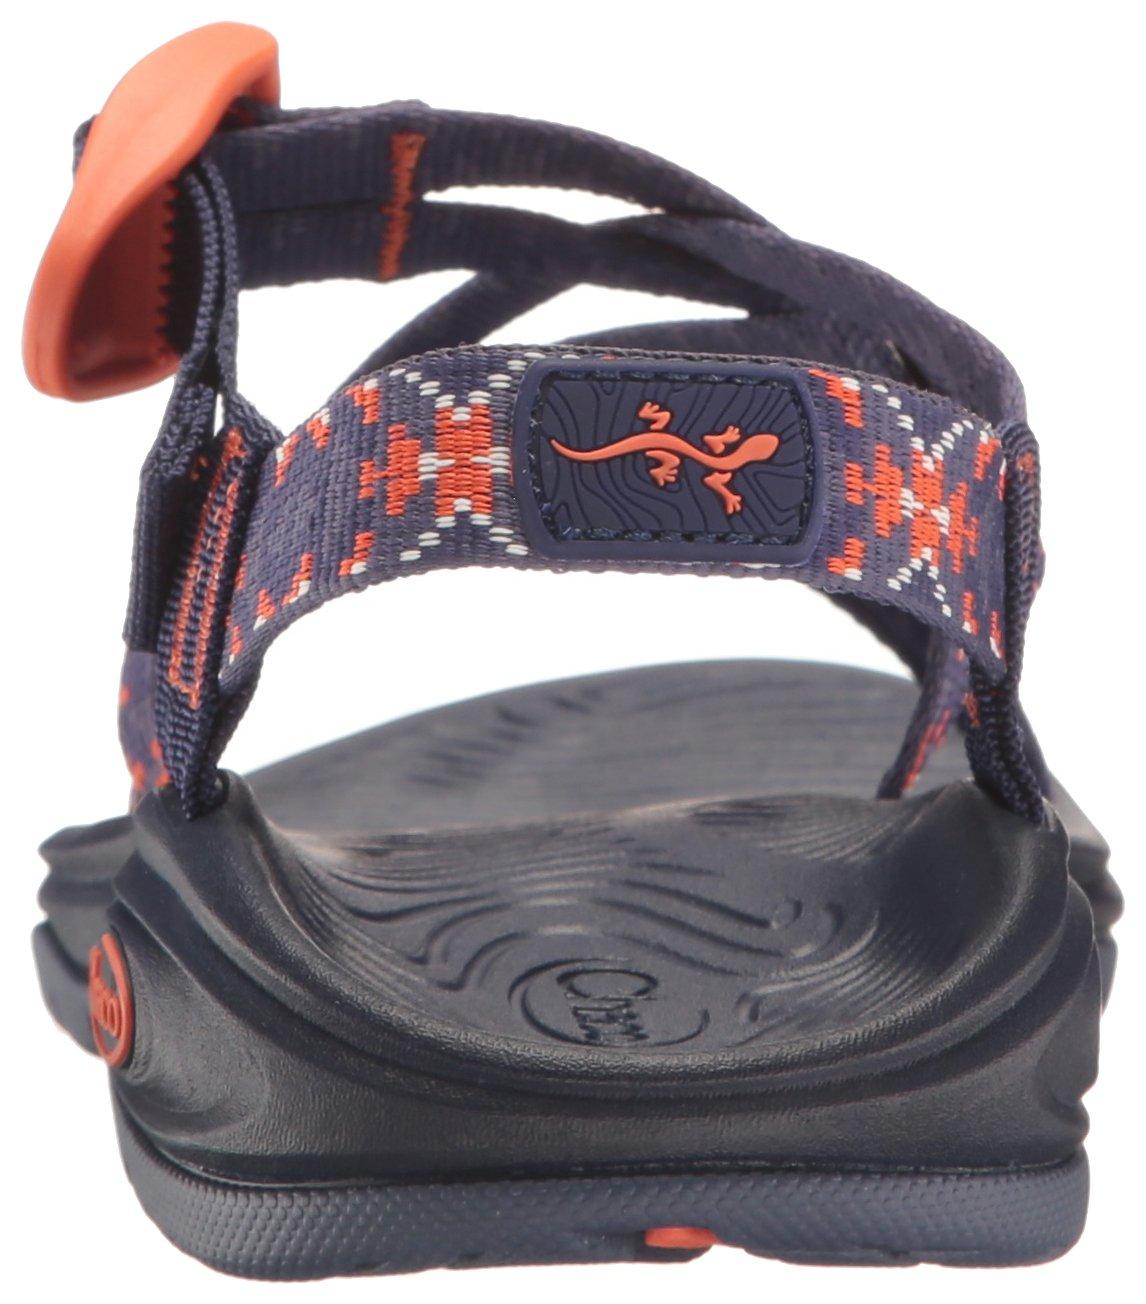 Chaco Women's Zvolv X Athletic Sandal Blues B01H4XCS6Y 7 B(M) US|Manta Blues Sandal 6cacda